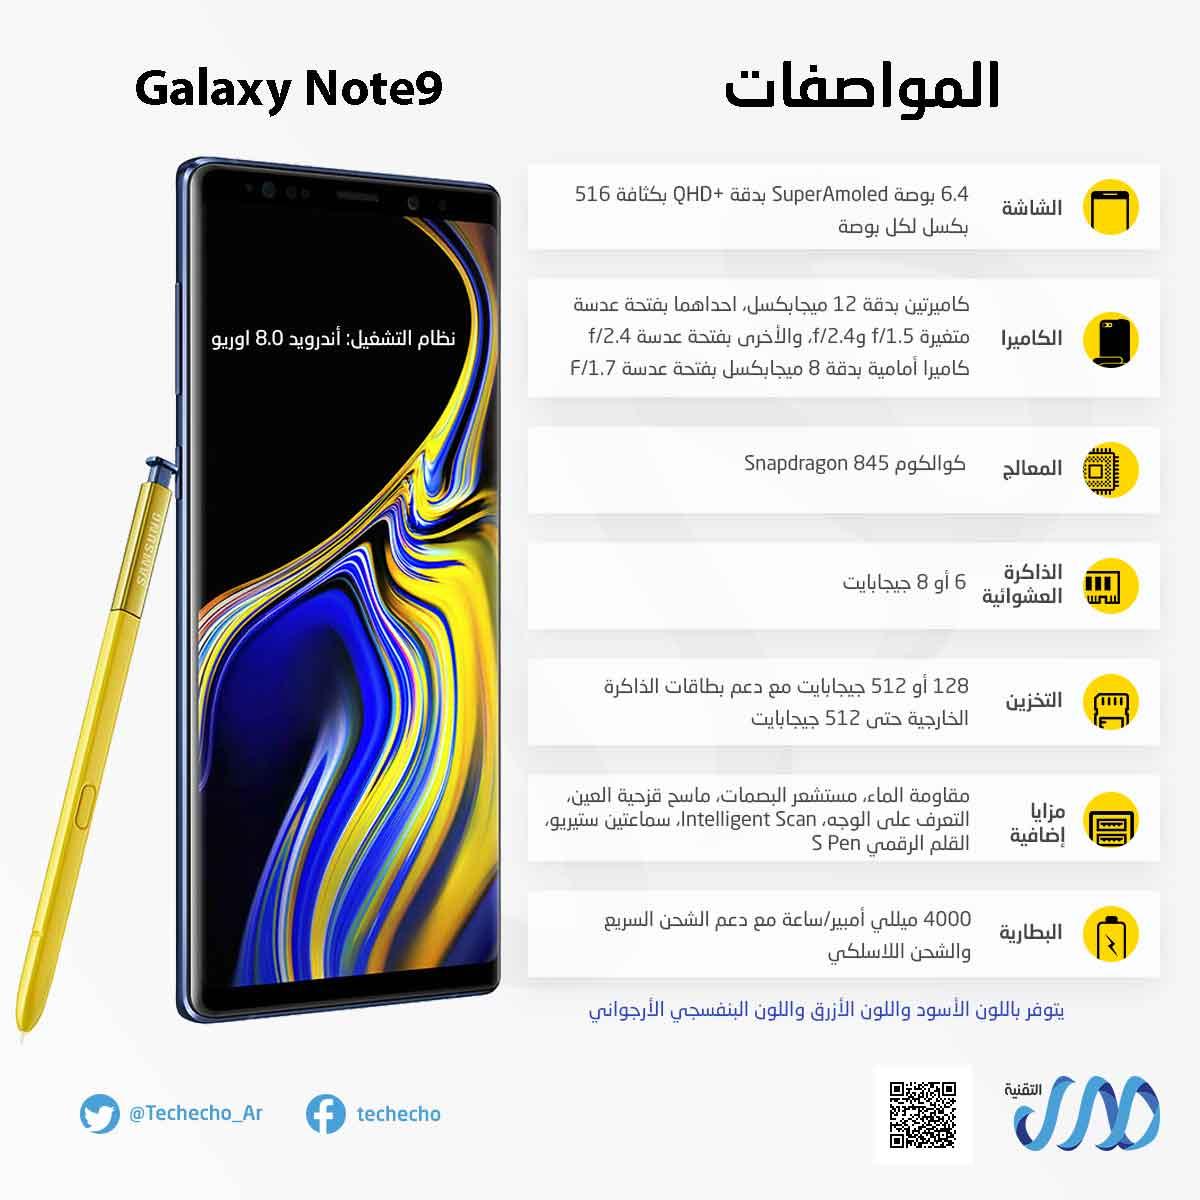 ما هي أبرز مواصفات Galaxy Note9 جالكسي نوت 9؟